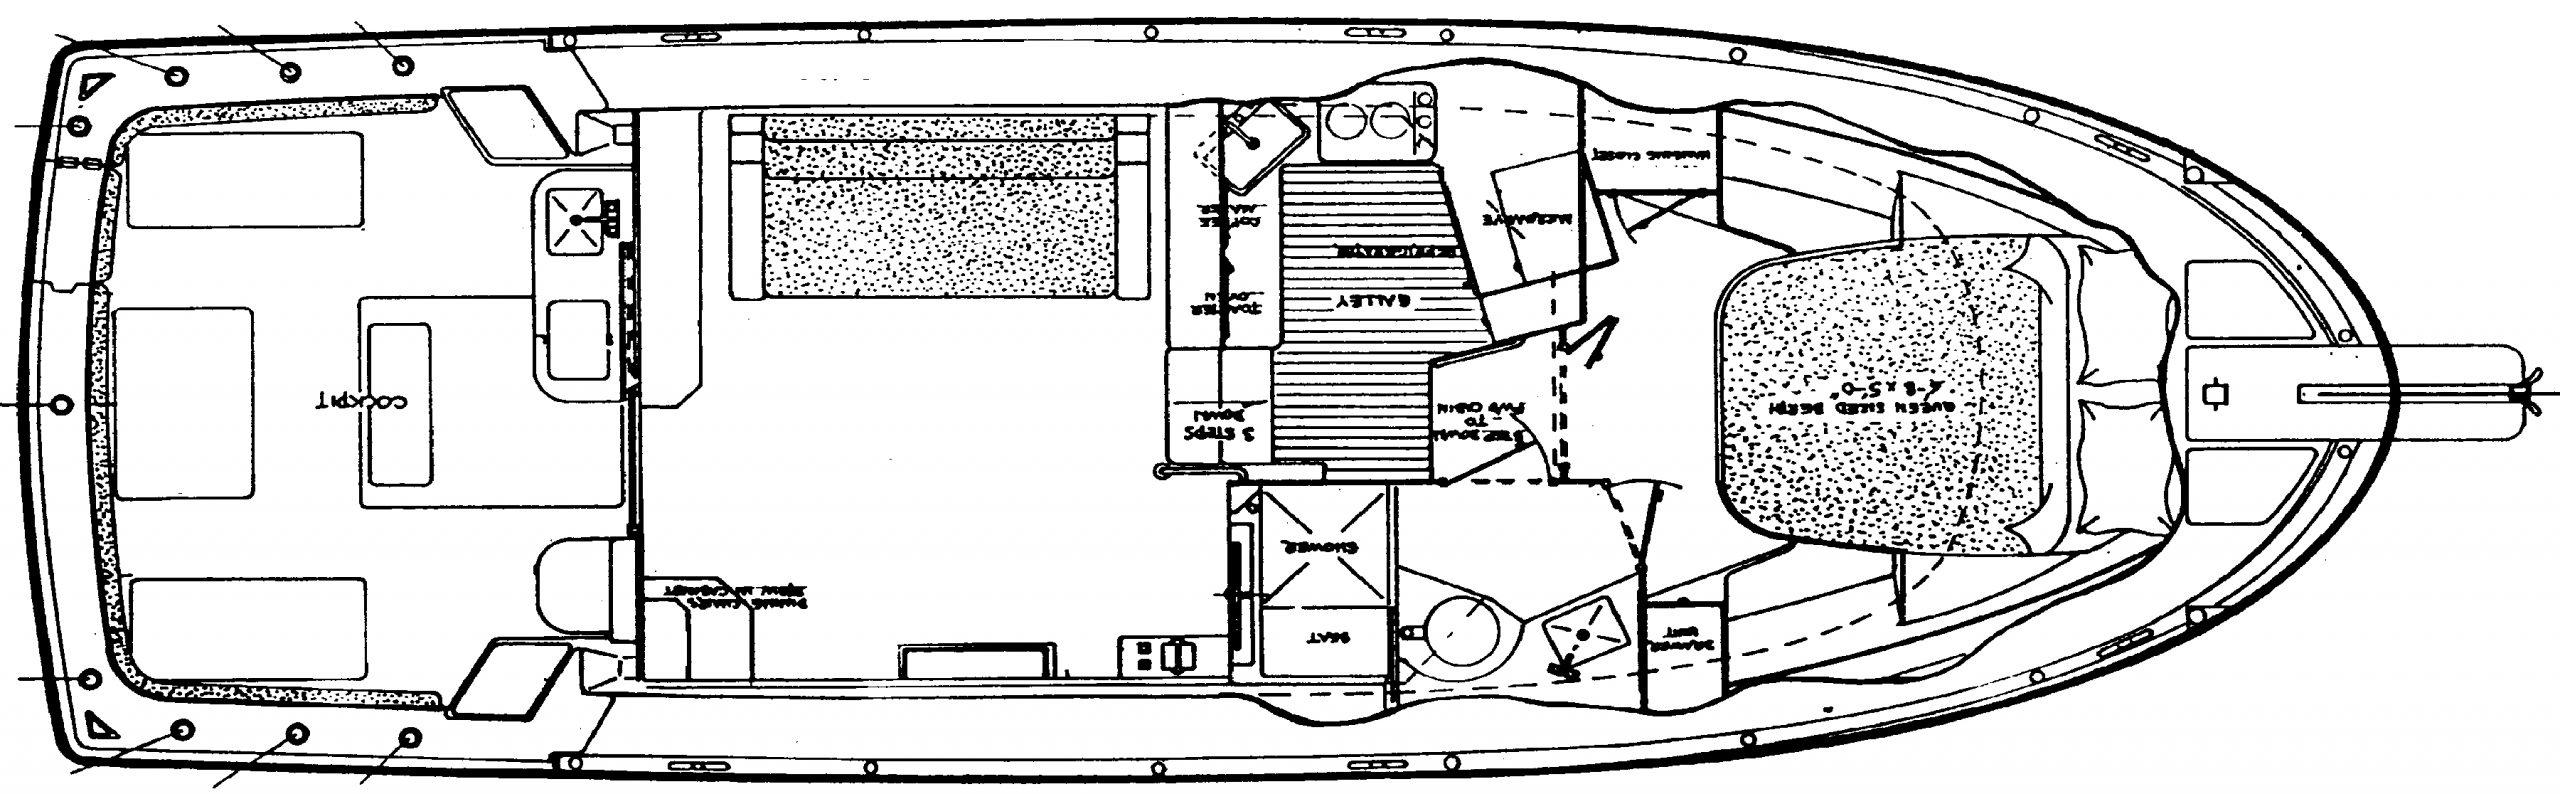 35 TE Floor Plan 2